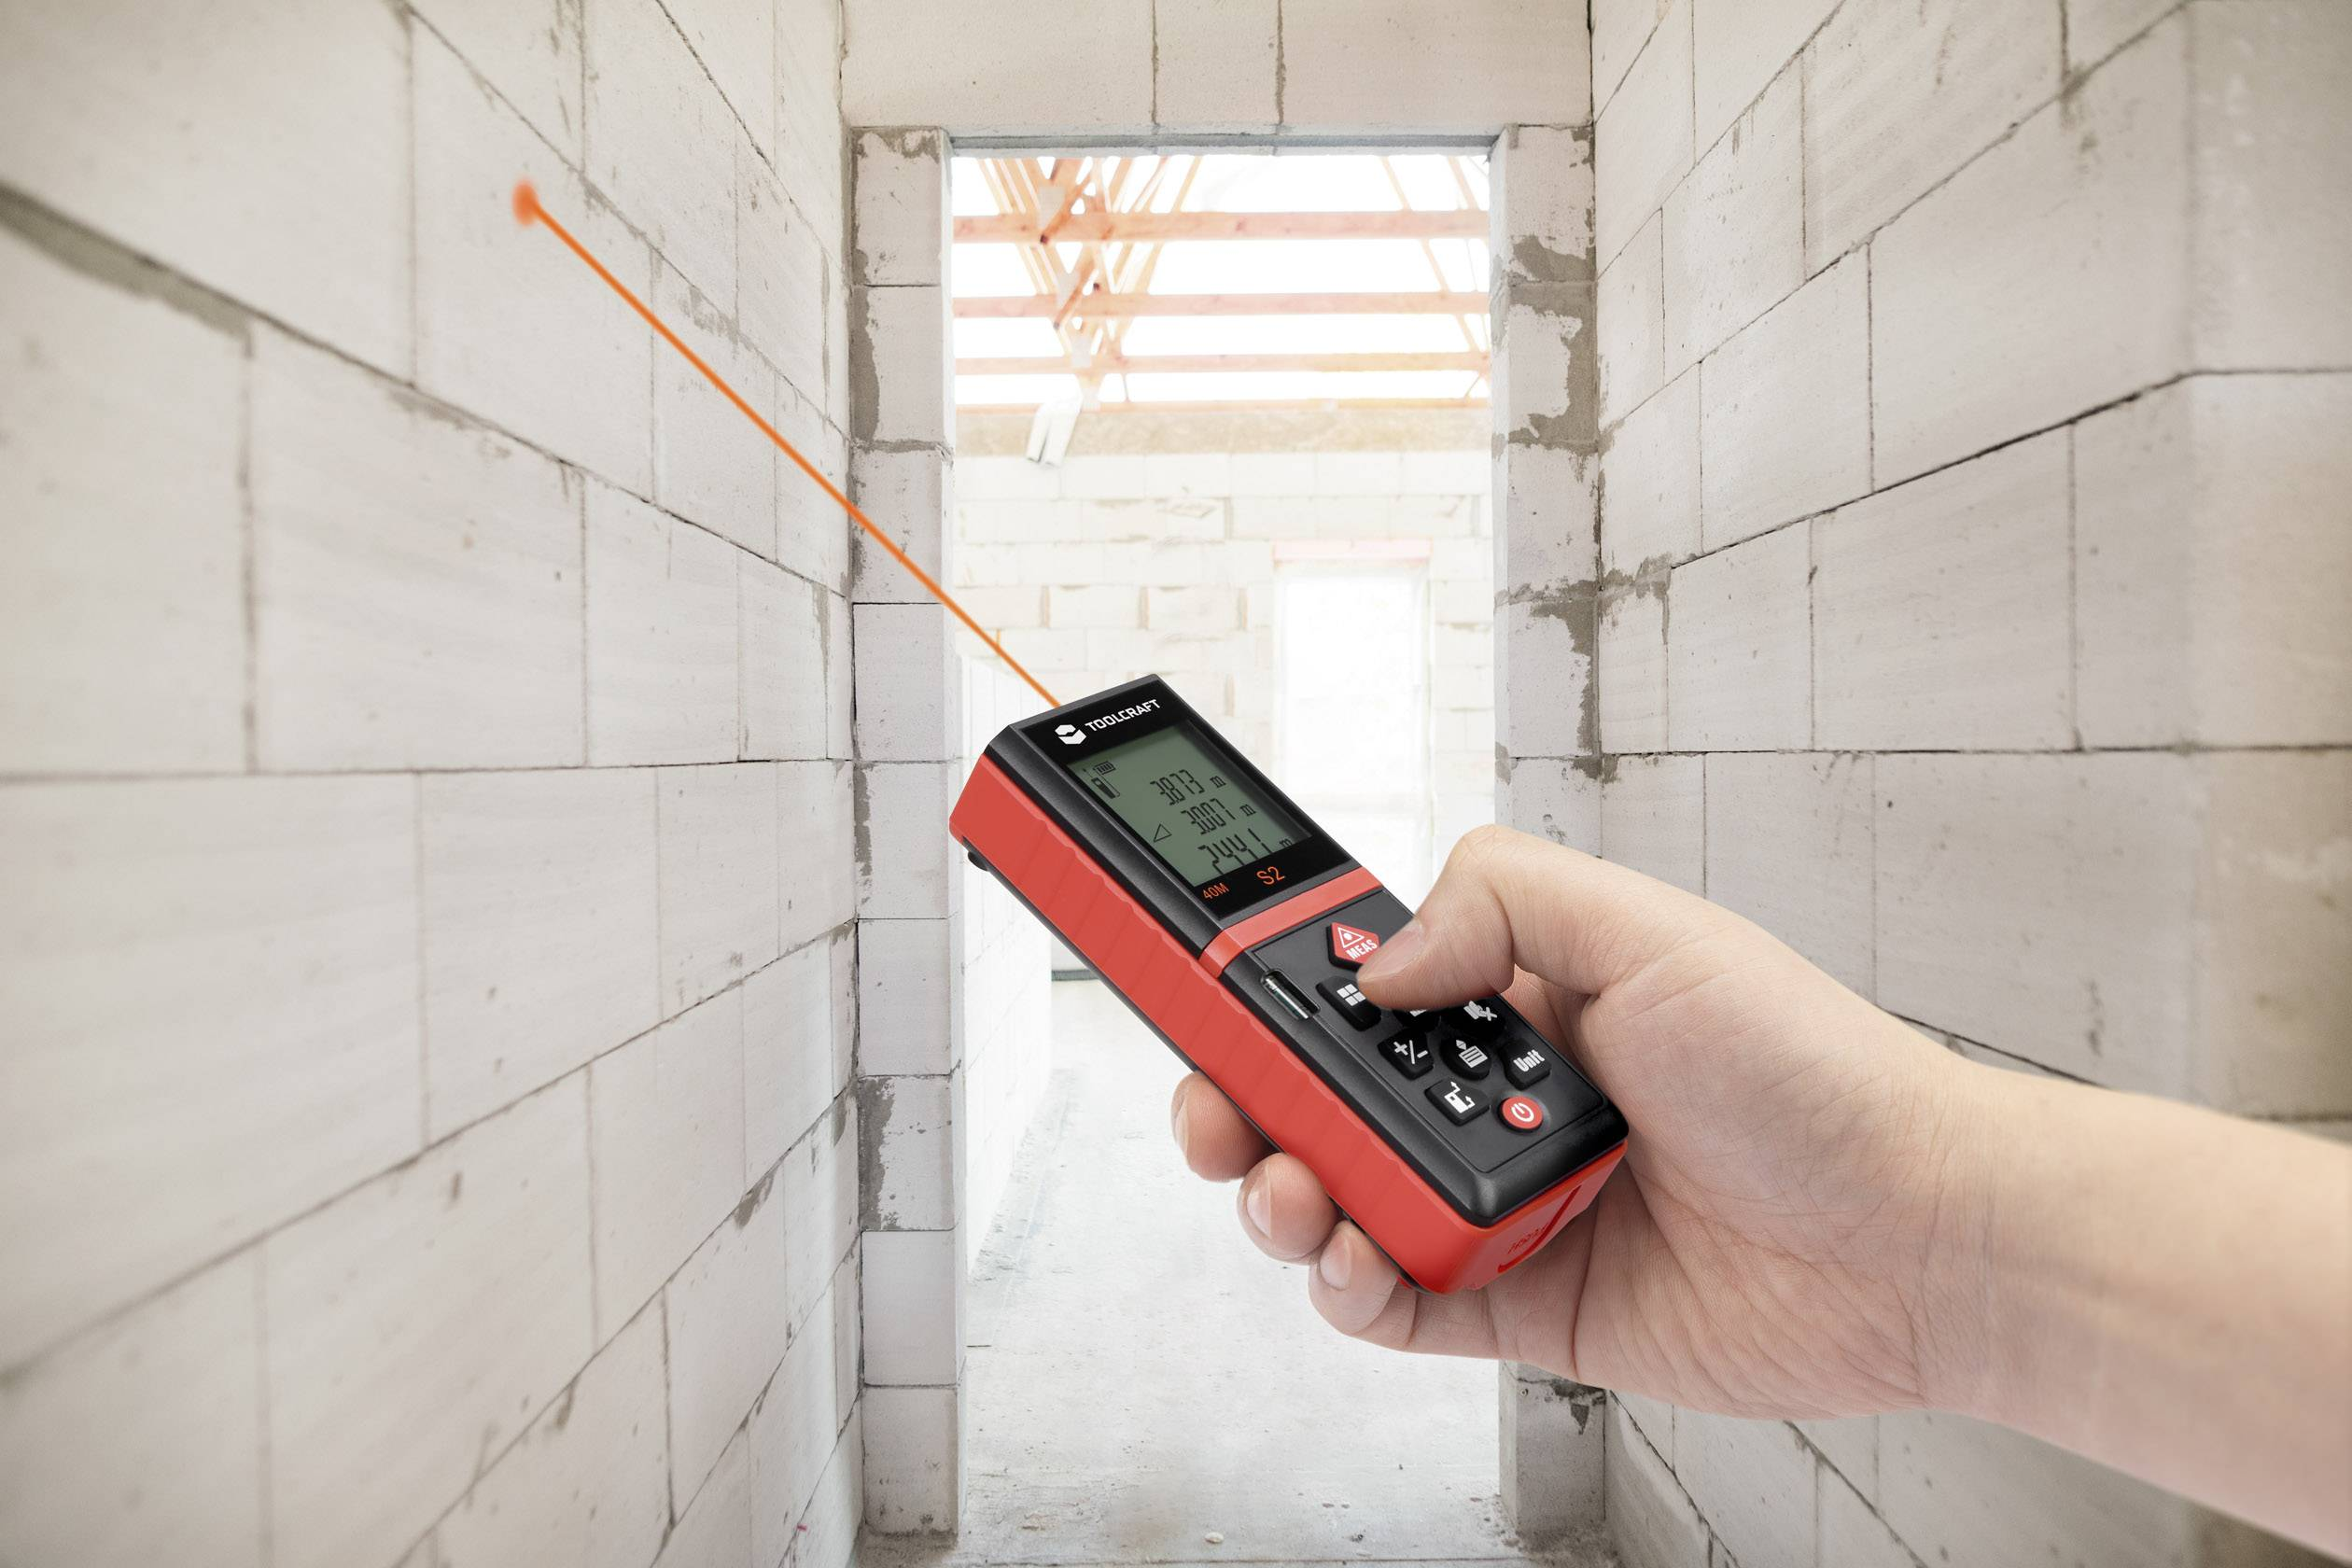 Bosch Entfernungsmesser Wasserwaage : Toolcraft ldm laser entfernungsmesser messbereich max m